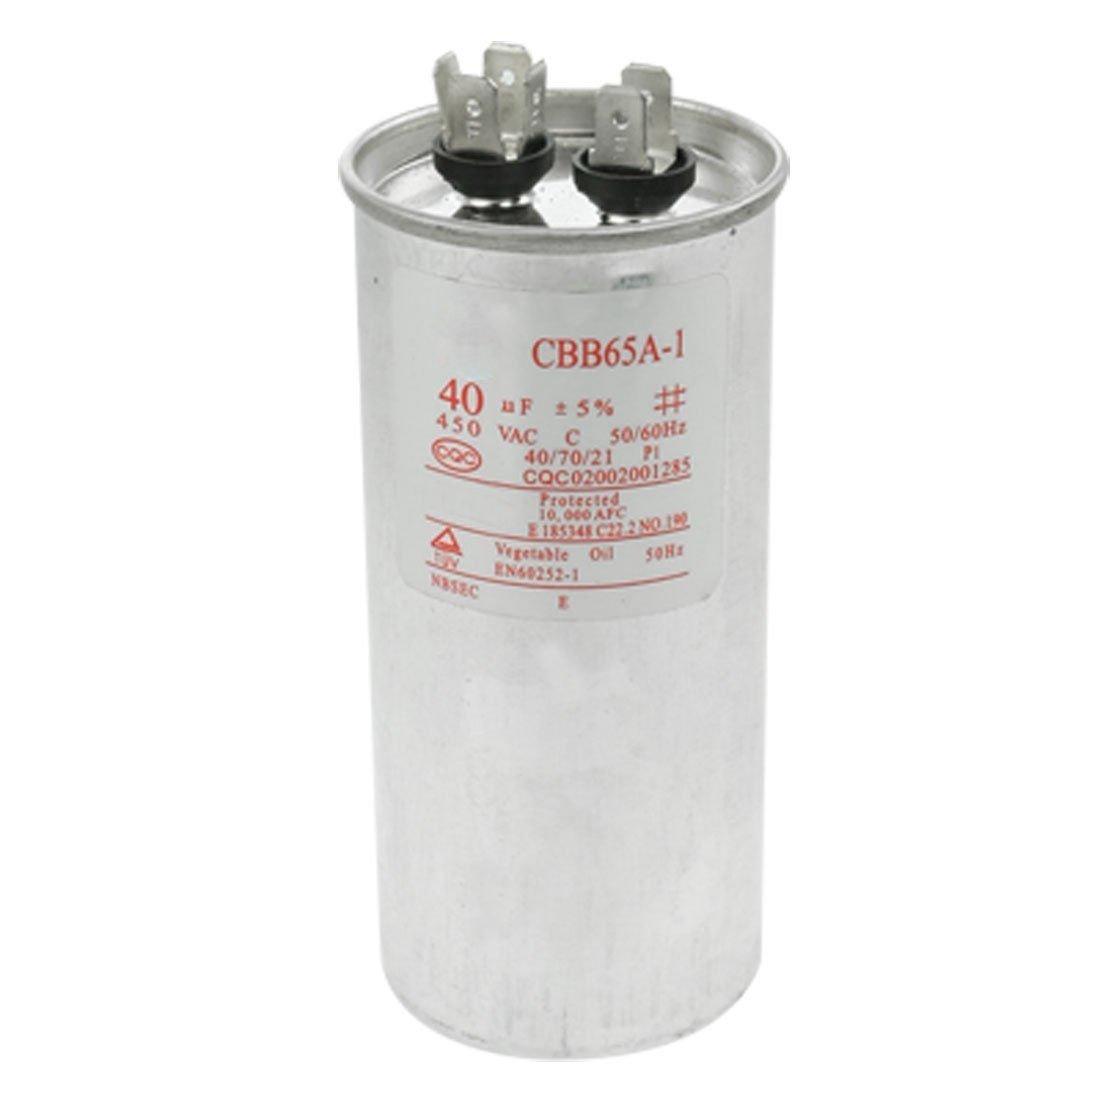 CBB65 Metallized Polypropylene Film Non Polar Motor Capacitor 40uF AC450V CBB65A